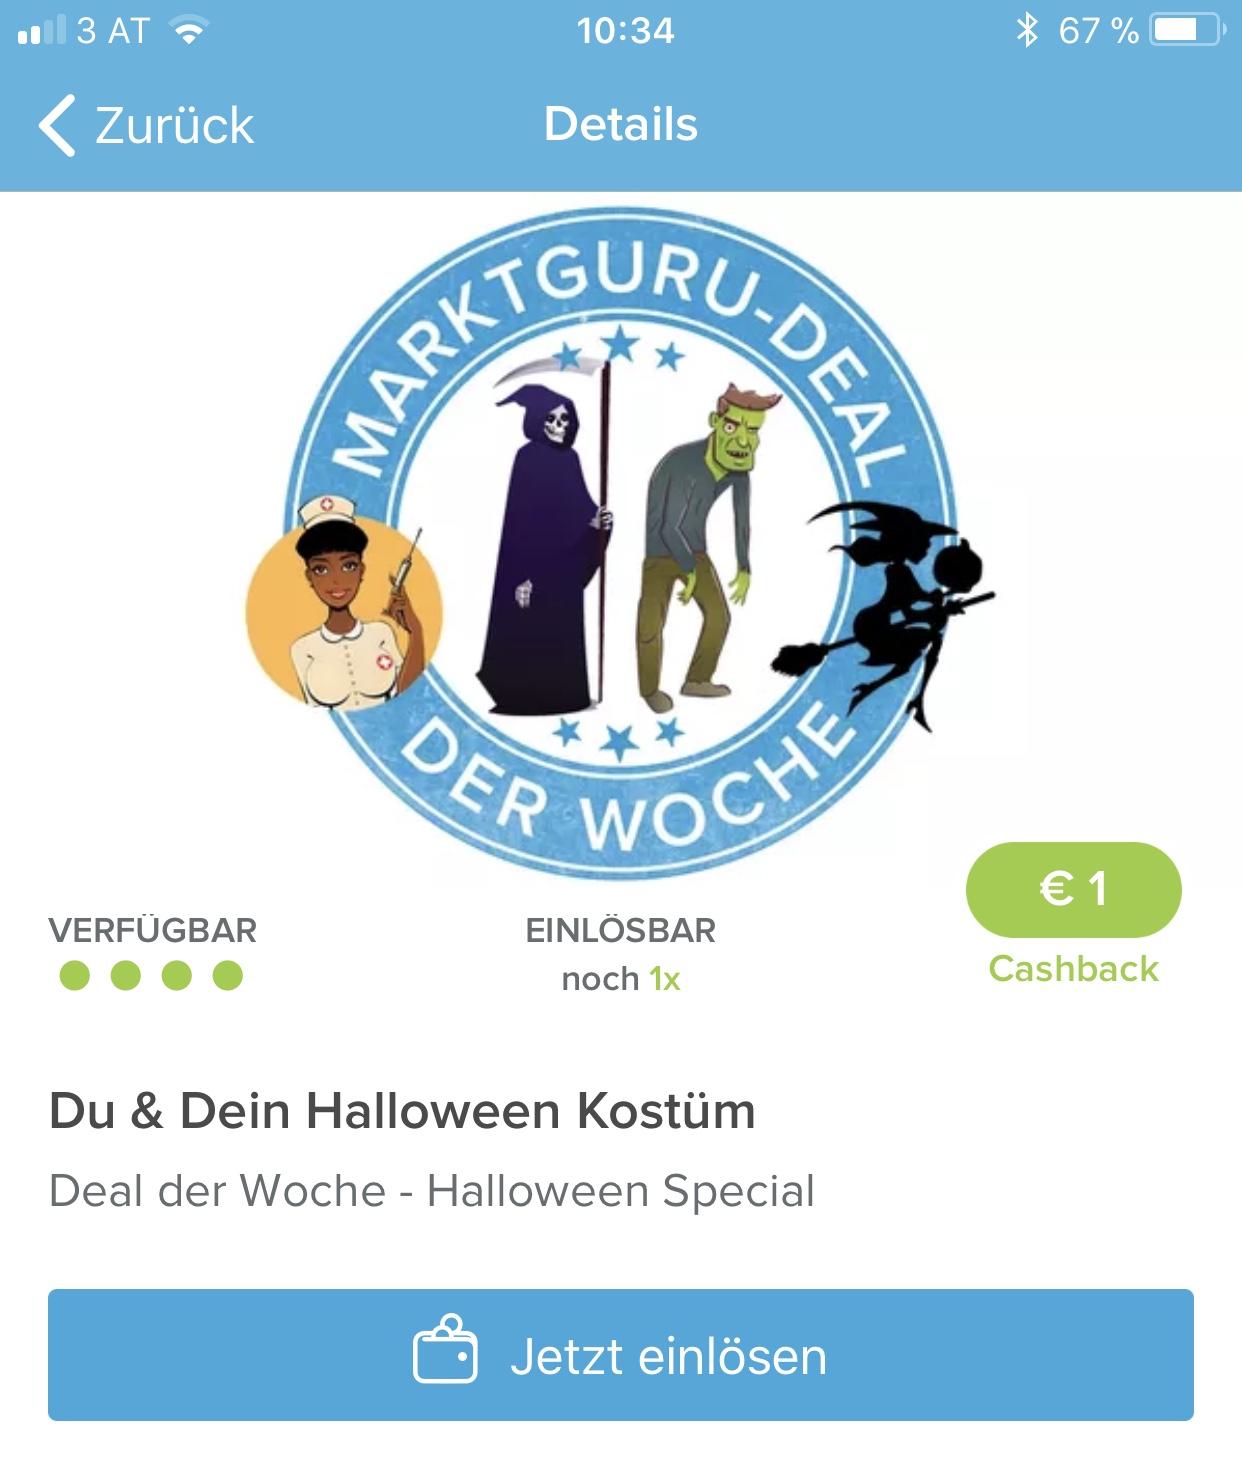 (Gratis) MarktGuru: 1 € für Foto-Upload im Halloween Kostüm